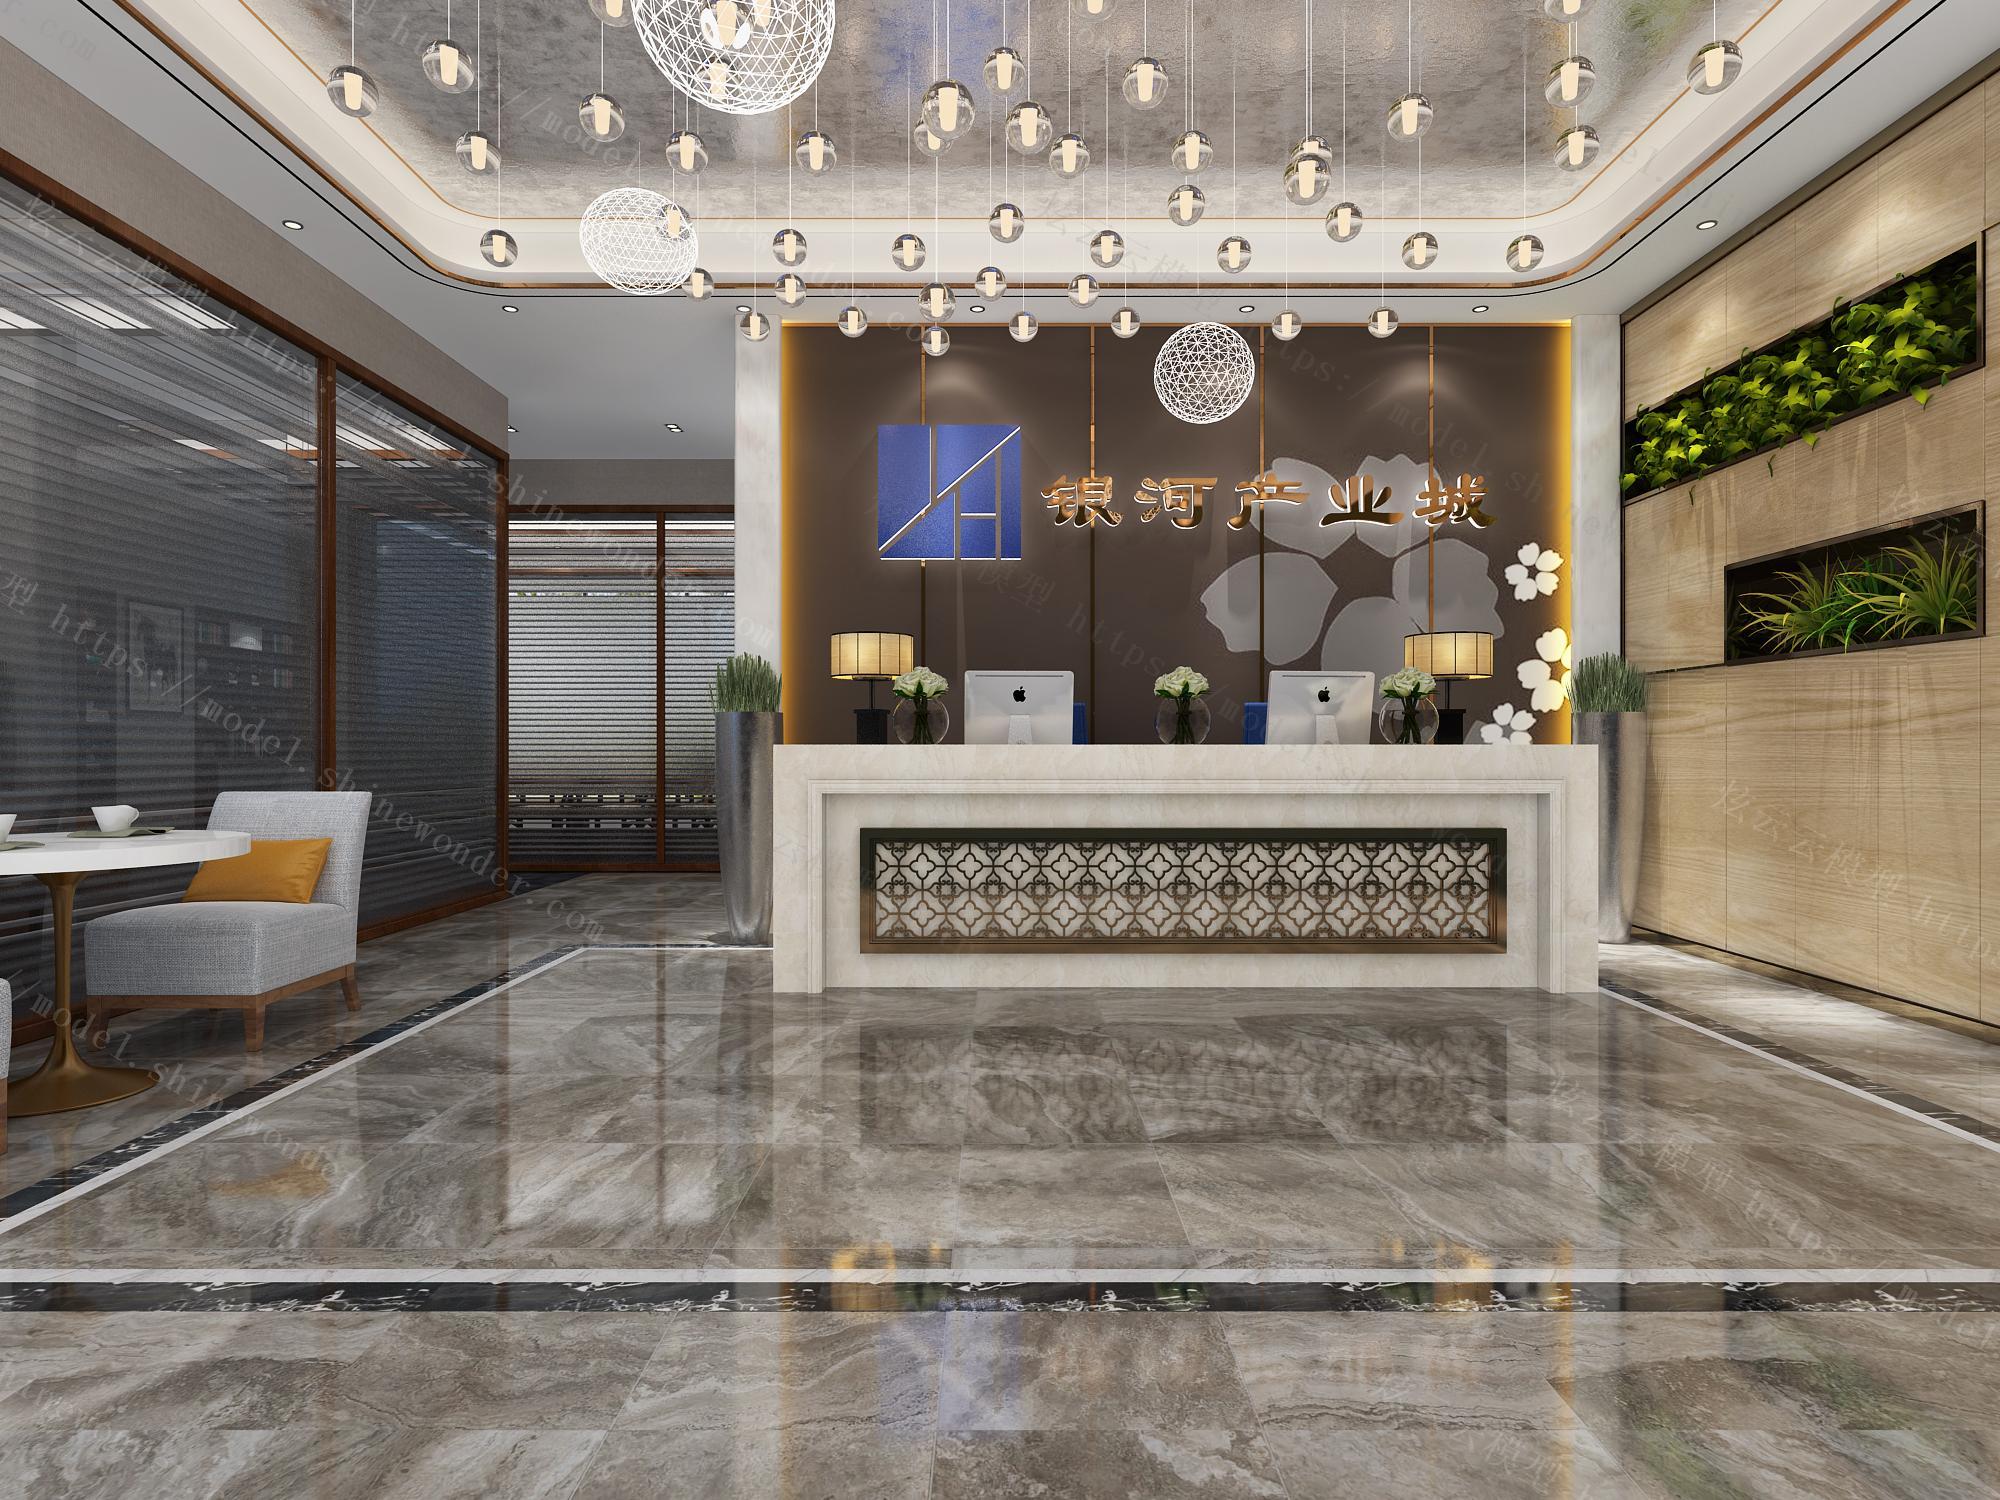 新中式办公室模型